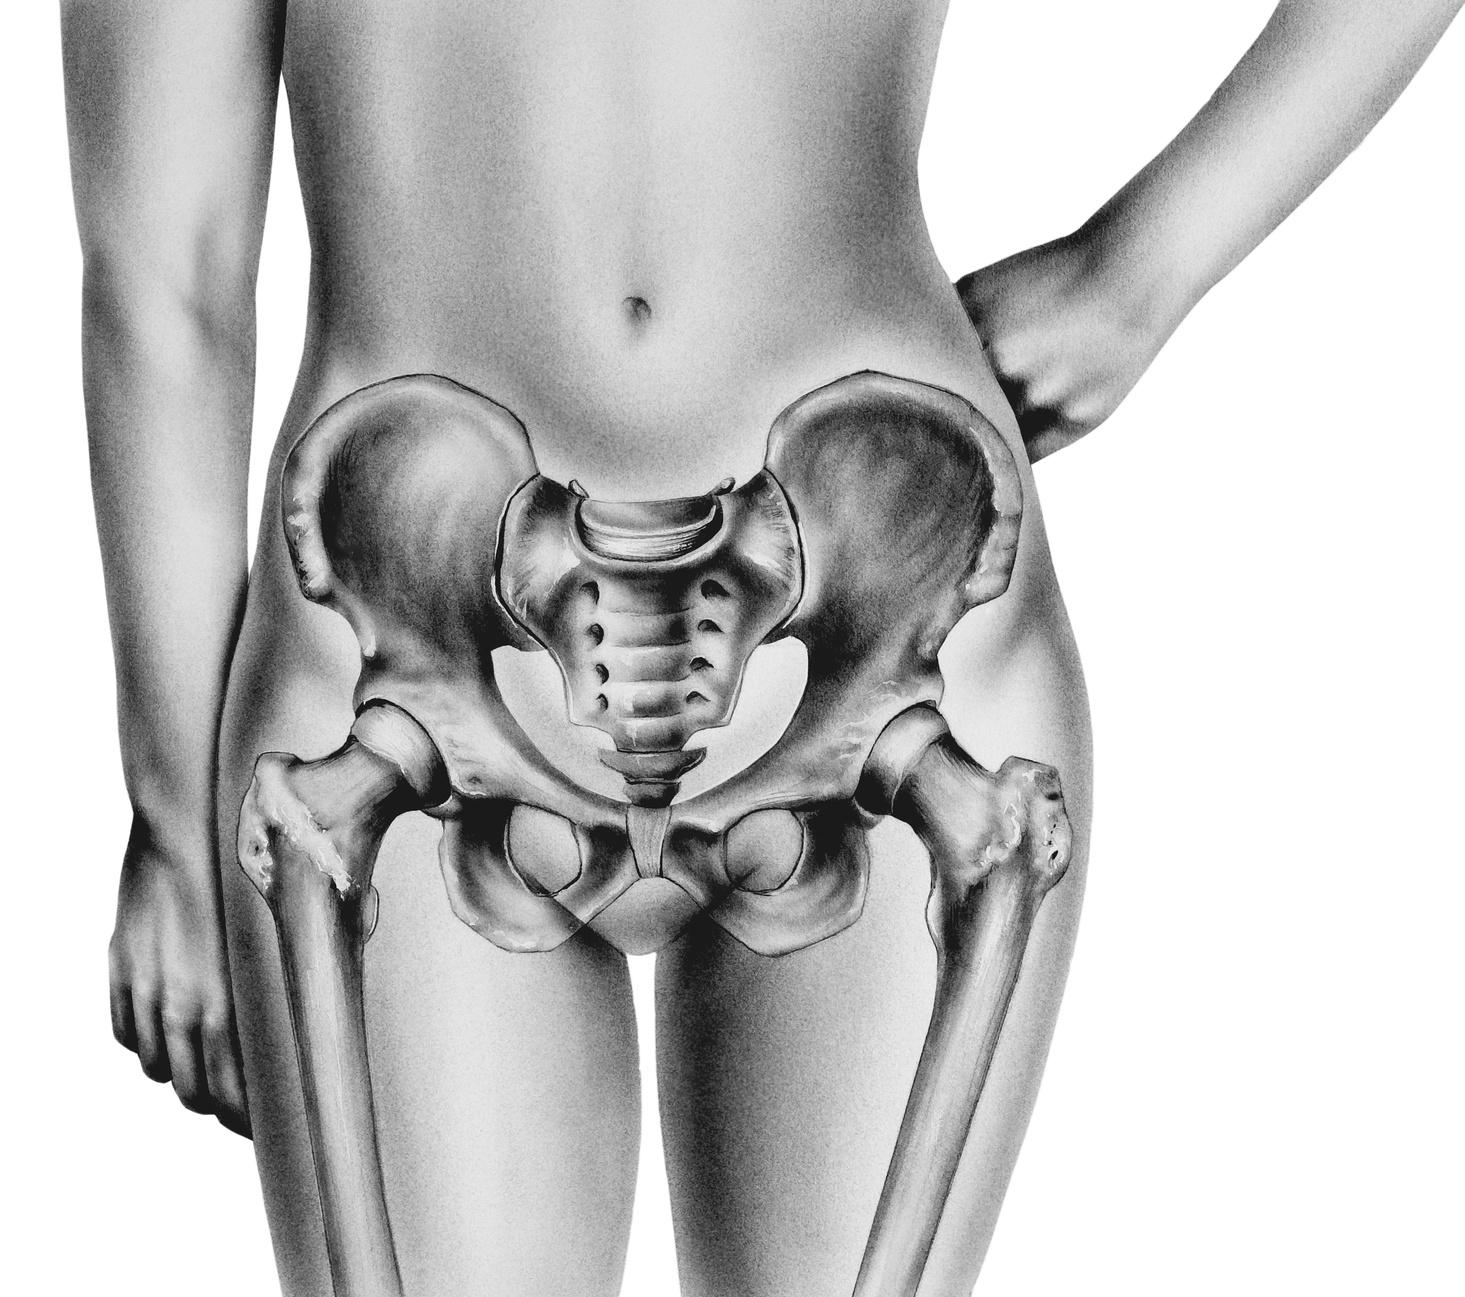 Pelvis  - Female highlighting normal anatomical bones. Shown are the ilium, iliac crest, sacrum, coccyx, superior pubic ramus, inferior pubic ramus, and femurs.